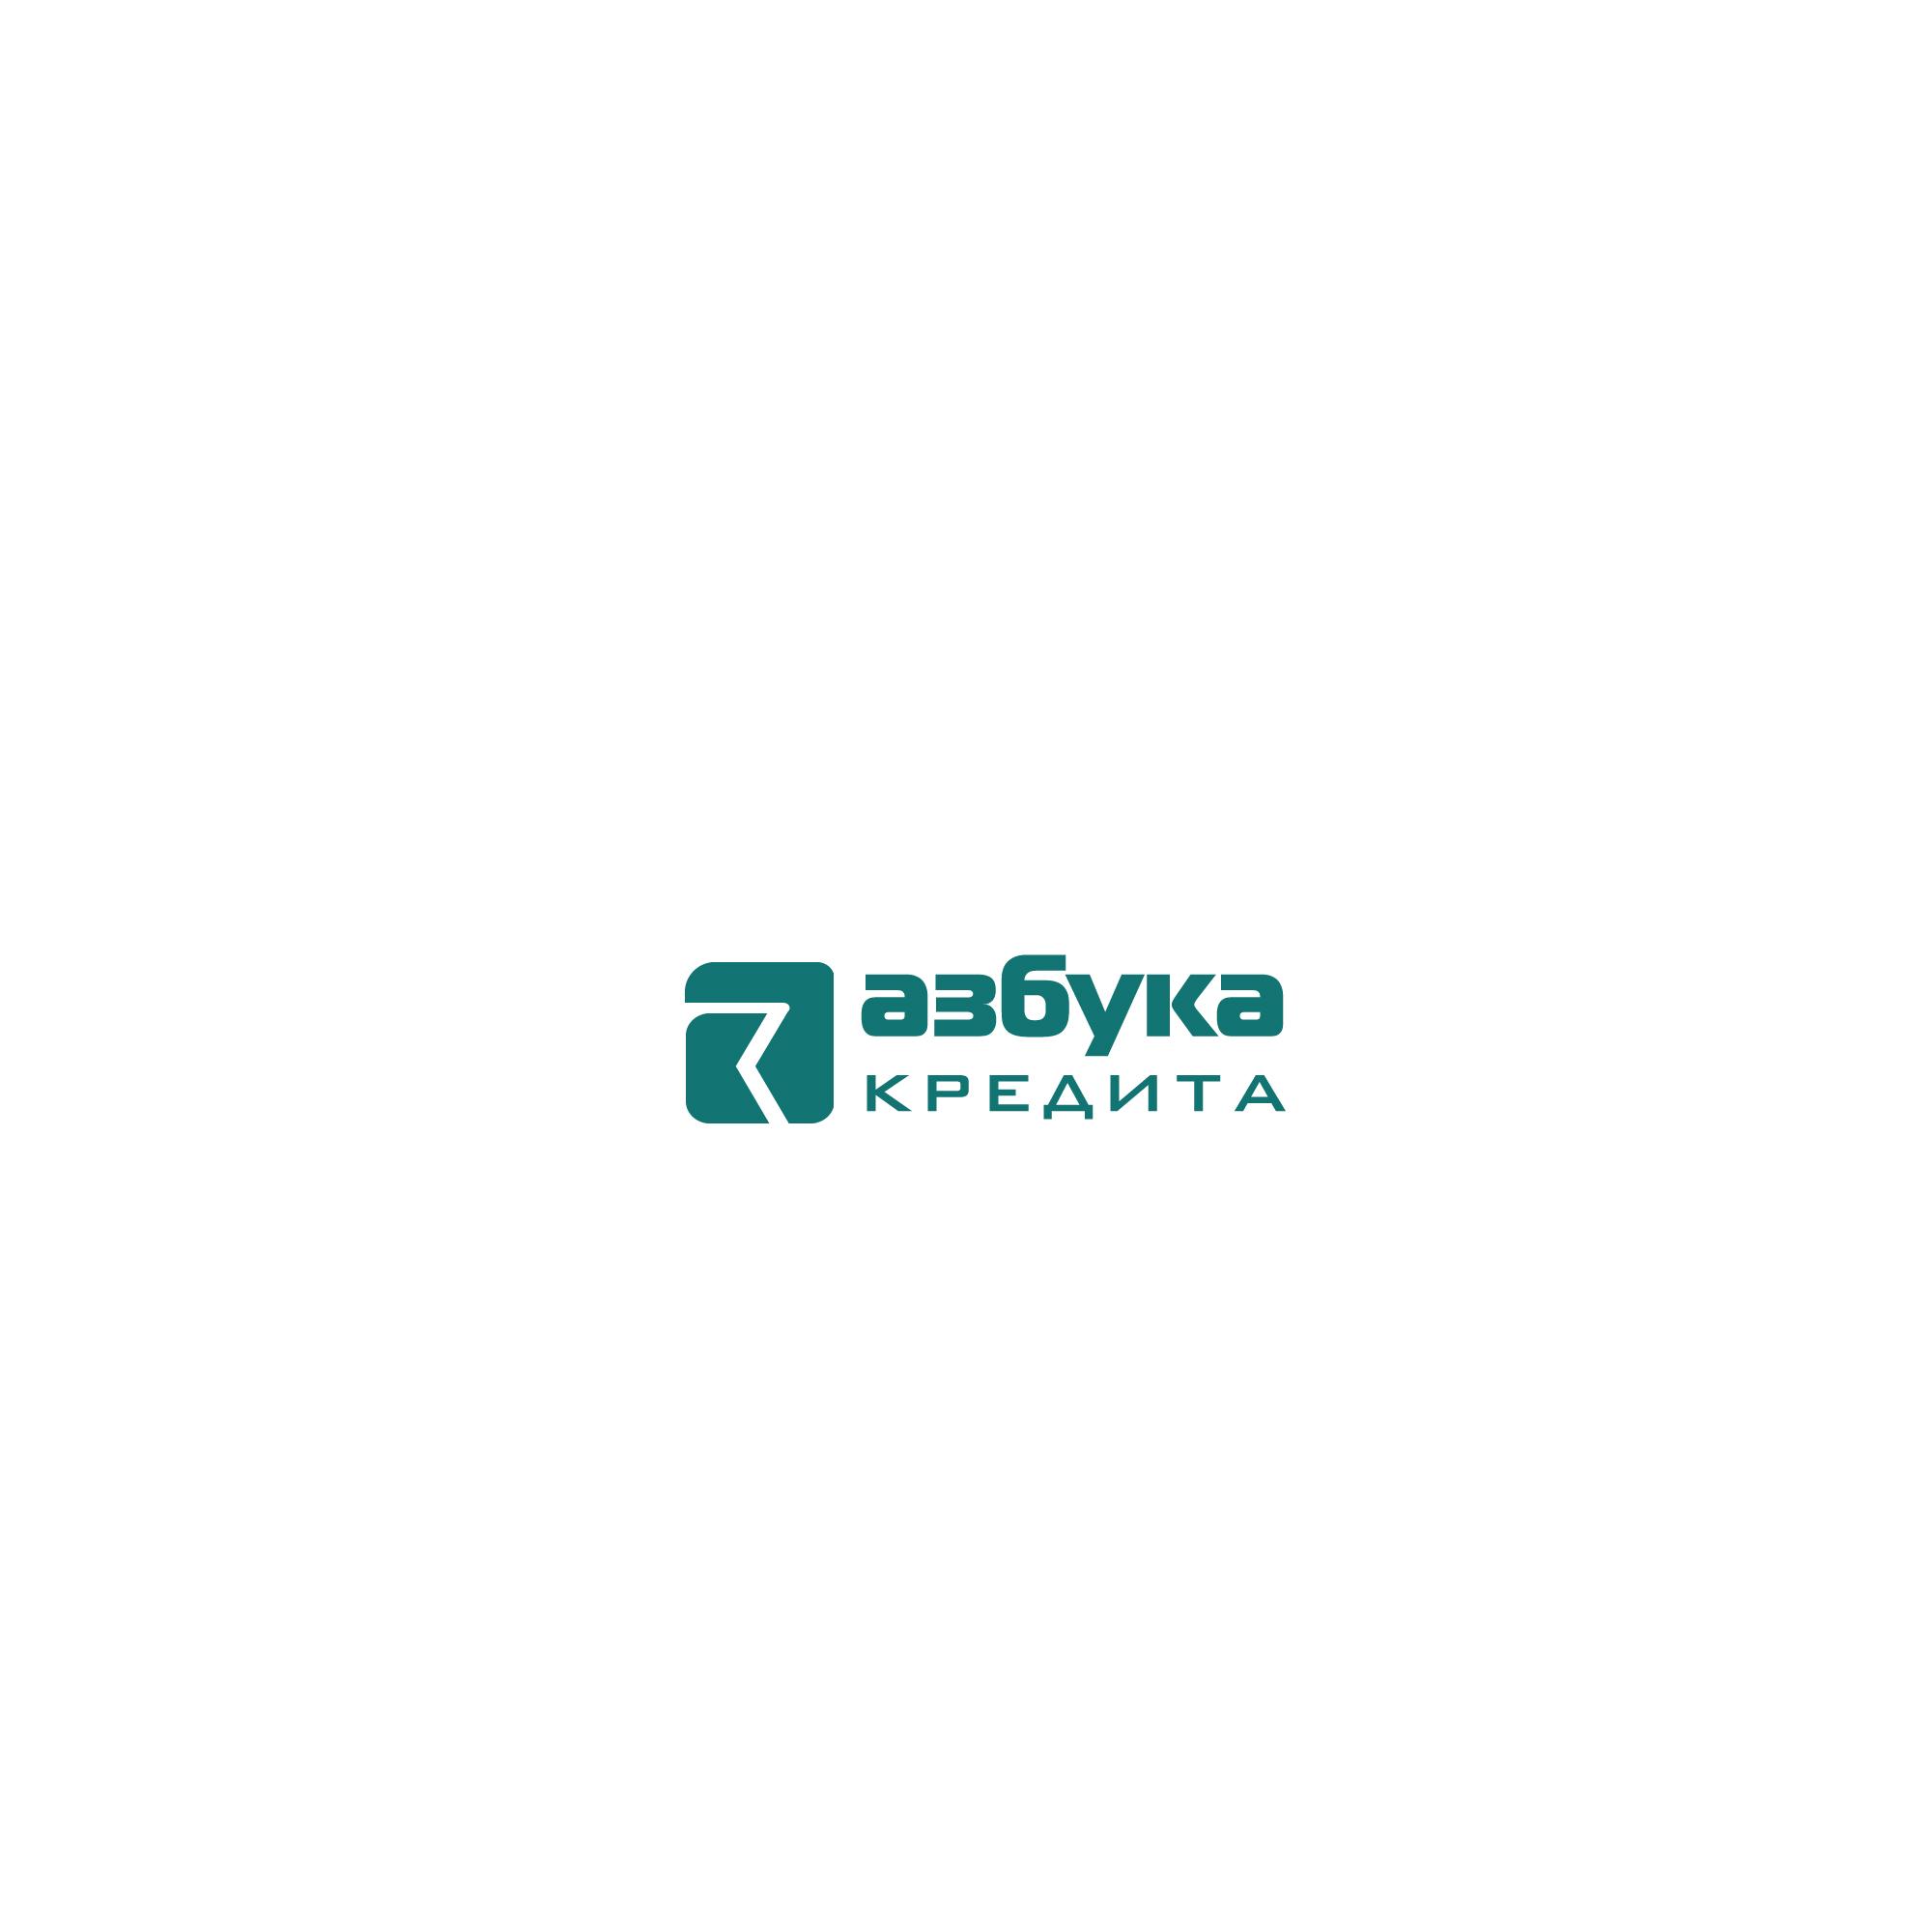 Разработать логотип для финансовой компании фото f_4525de6f7487a81a.jpg